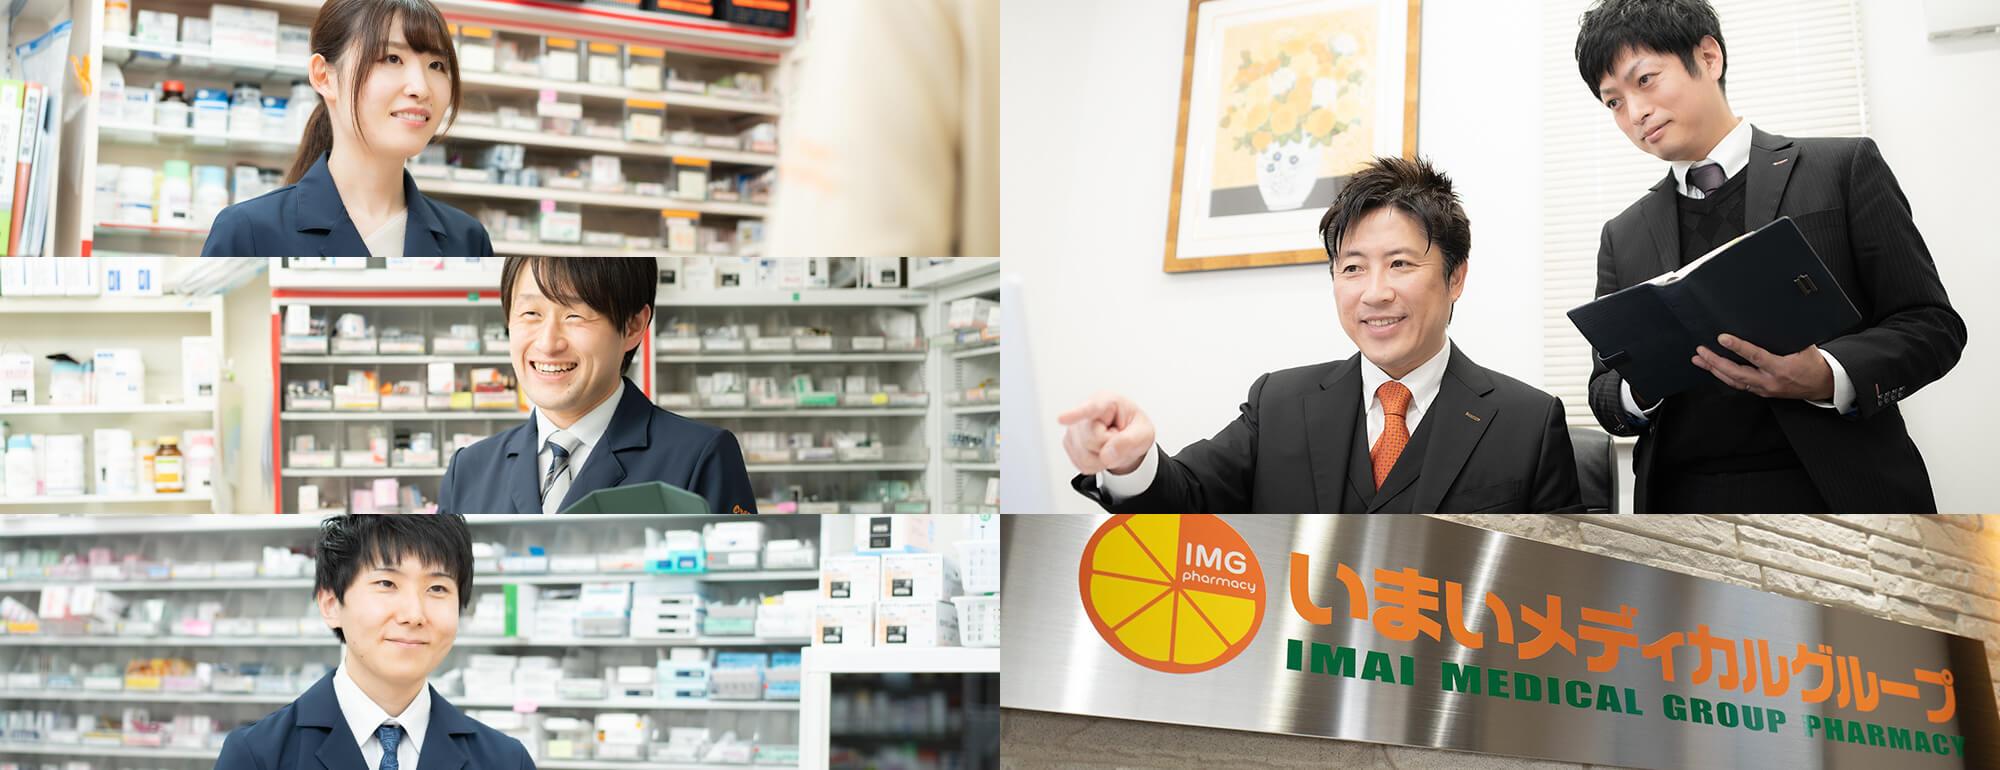 お薬を手わたす、わたしたちが目指す未来。それはお薬を手ばなせた、あなたの笑顔があふれる未来。